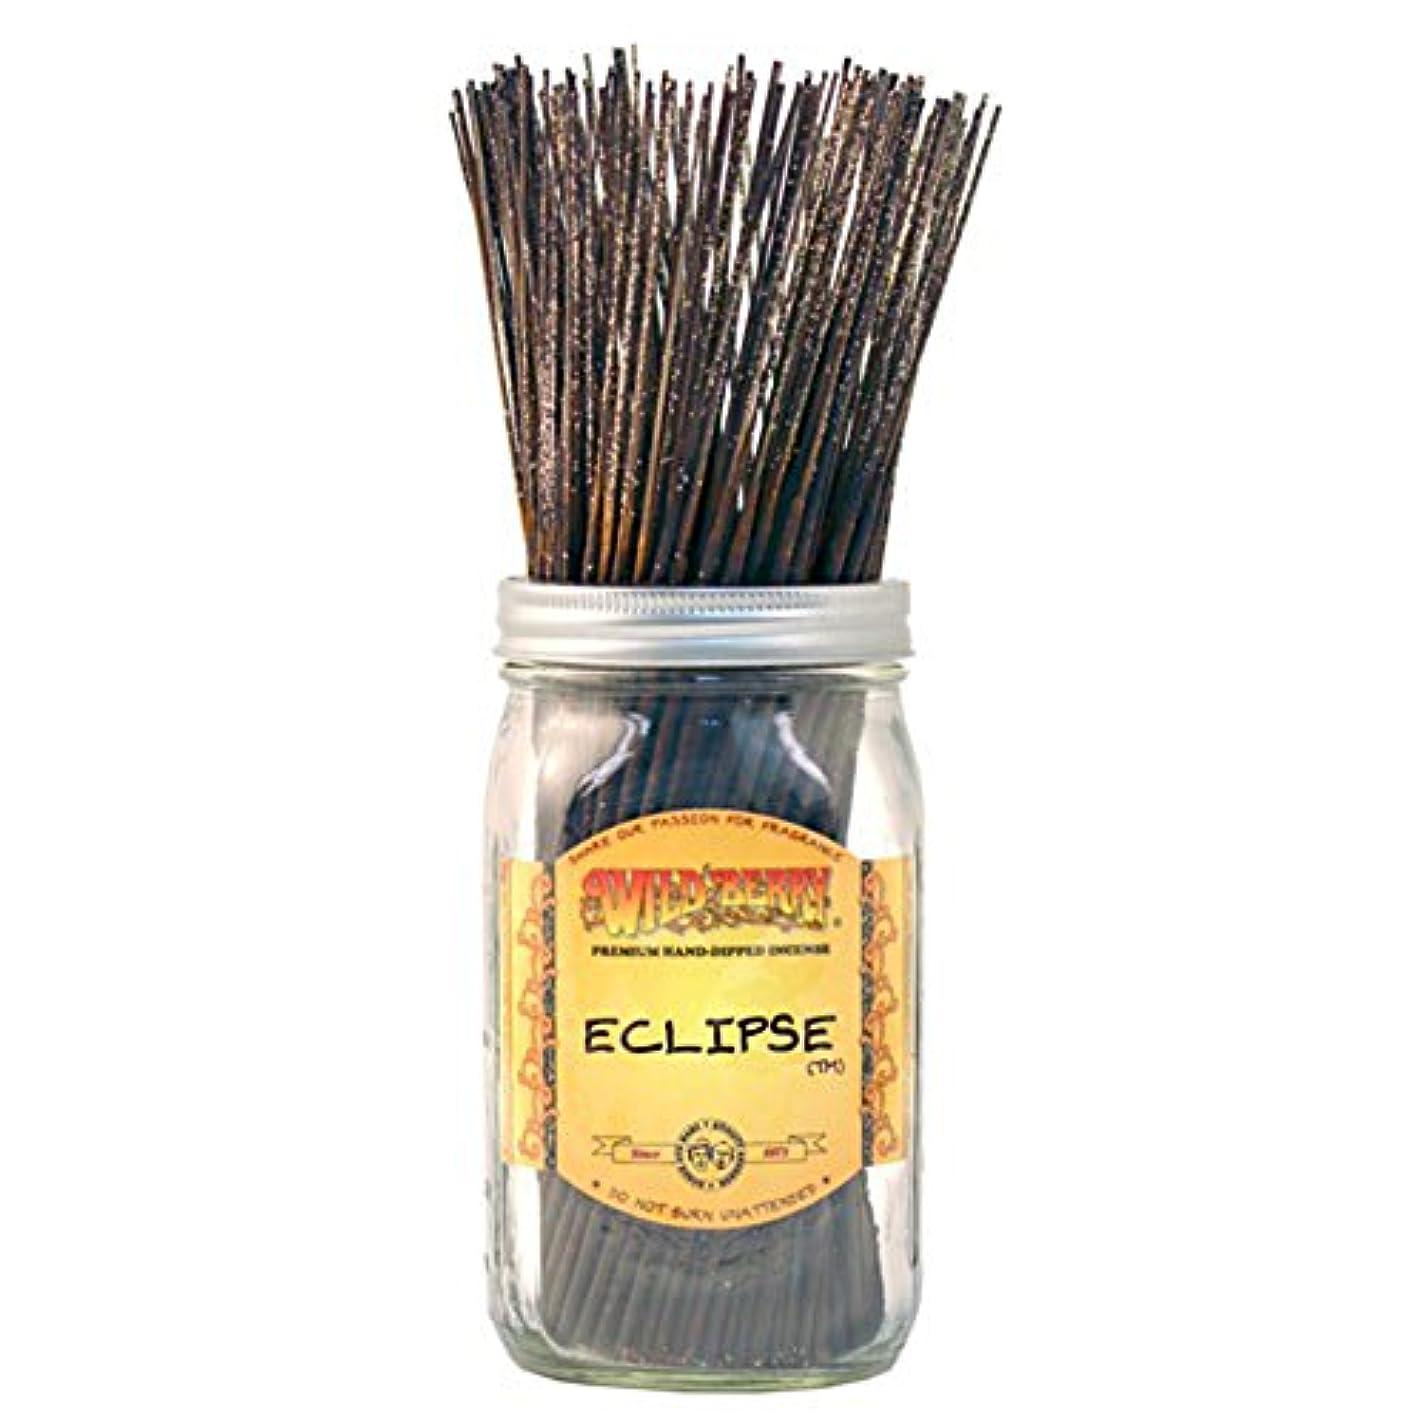 破滅罰人工的なWild Berry Eclipse, Highly Fragranced Incense Sticksバルクパック、100ピース、11インチ